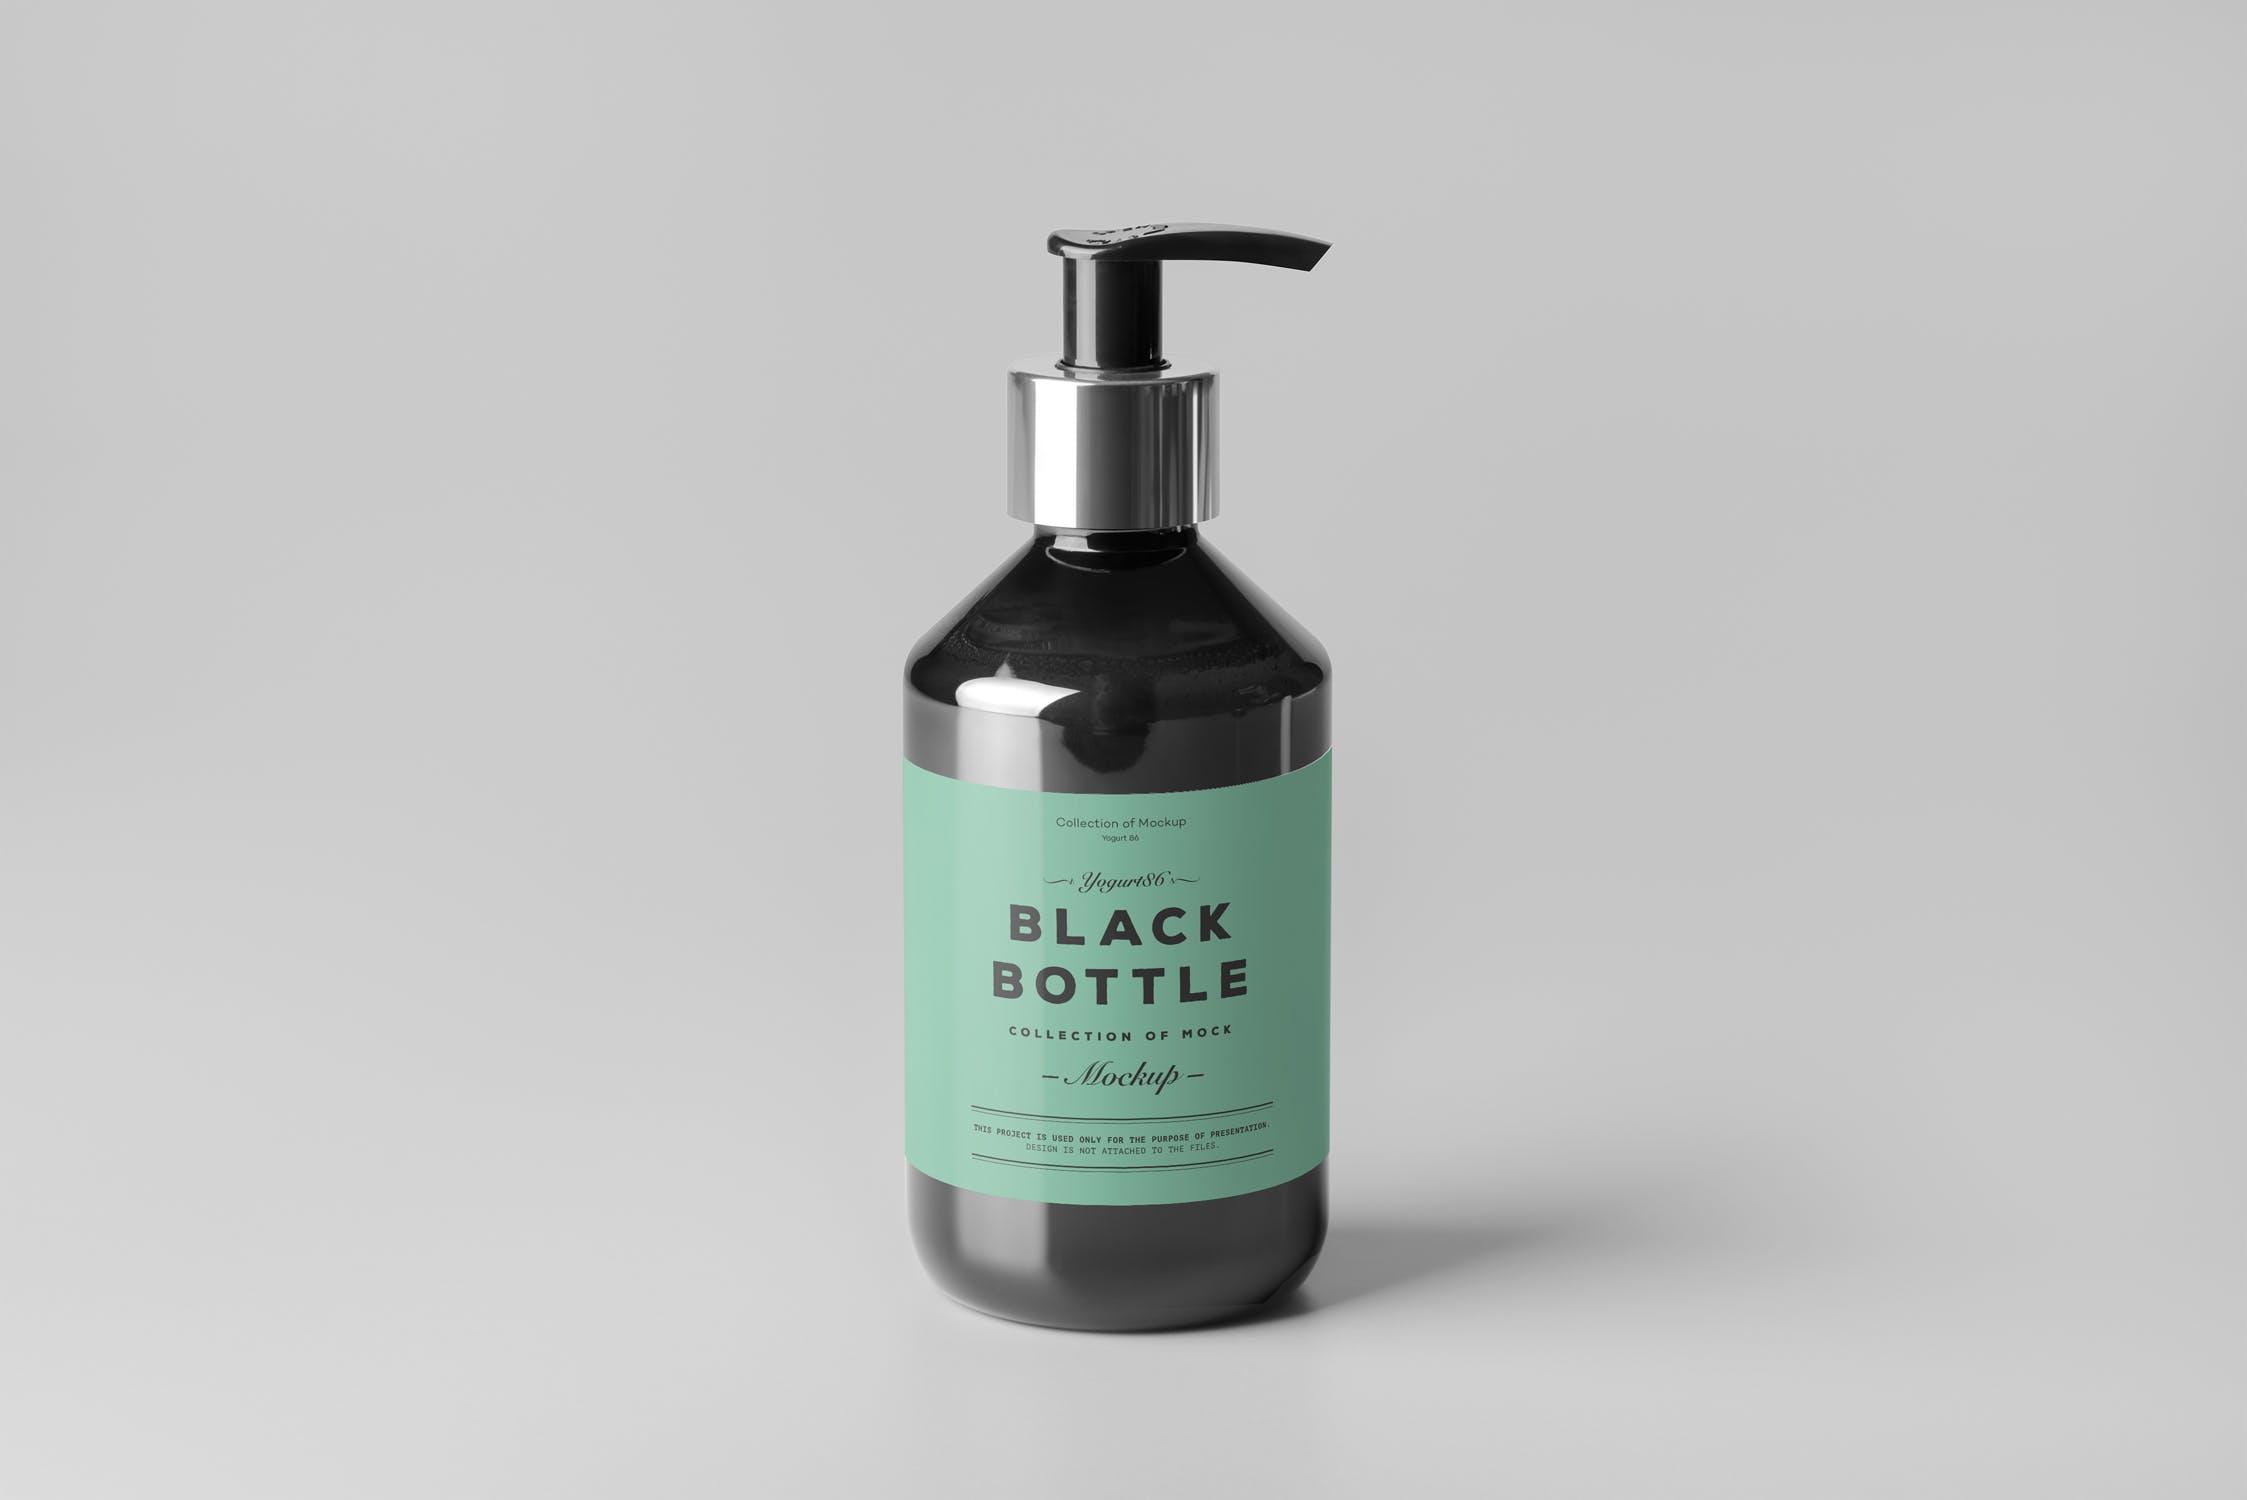 洗化用品粉底盒包装样机模板展示素材Cosmetic Bottle Mock-up 4